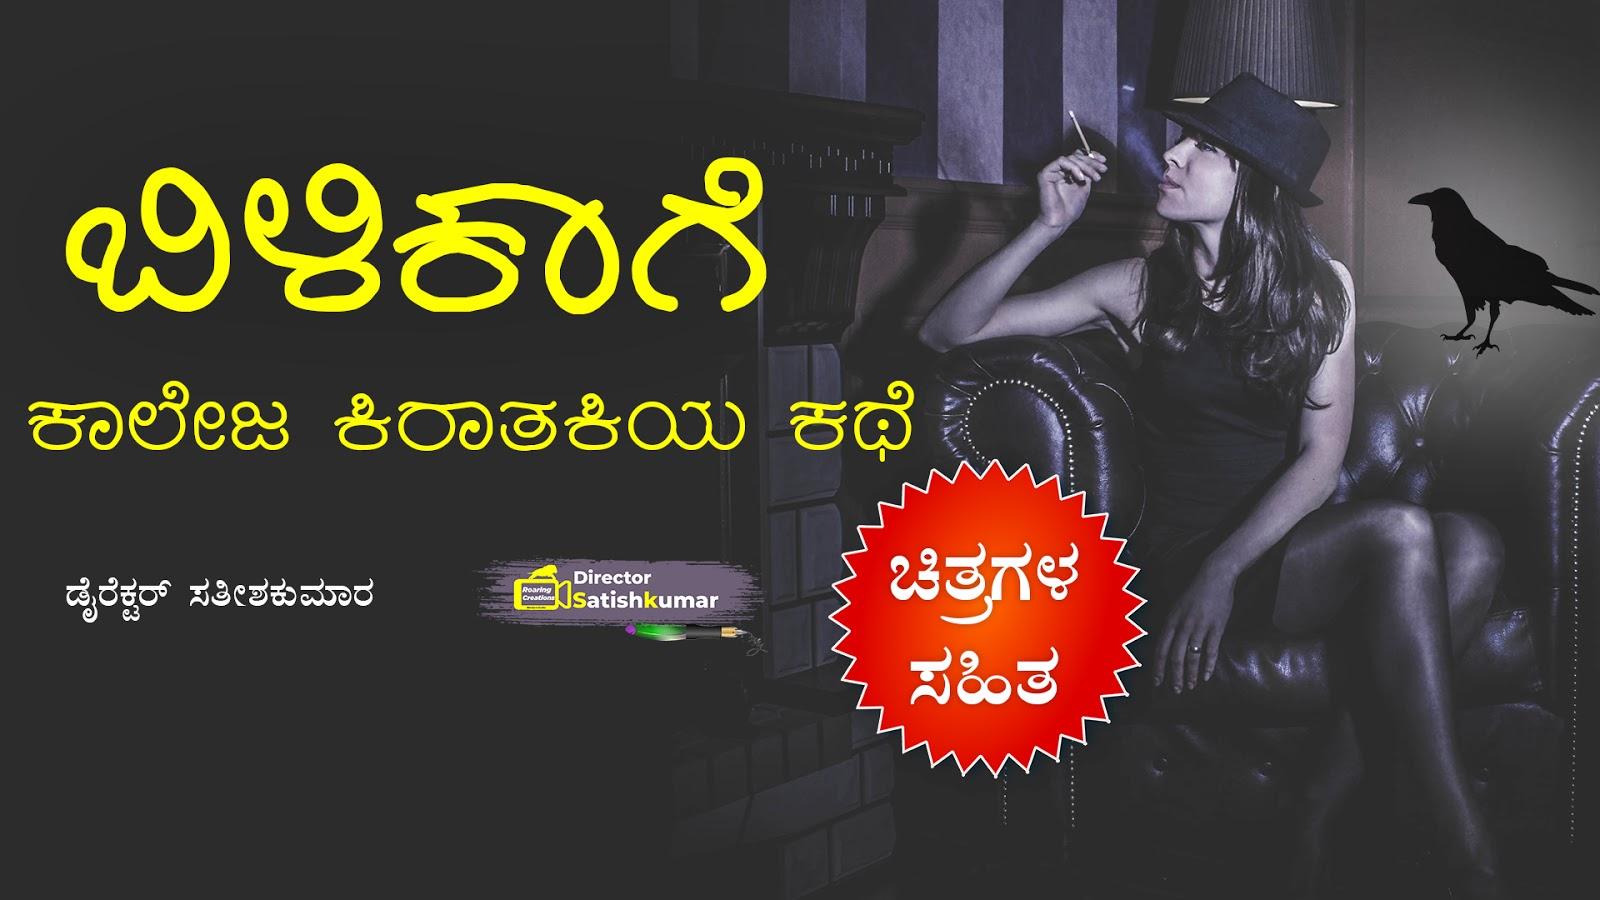 ಬಿಳಿಕಾಗೆ : ಕಾಲೇಜ ಕಿರಾತಕಿಯ ಕಥೆ - Kannada Short Story - Kannada Moral Story - ಕನ್ನಡ ಕಥೆ ಪುಸ್ತಕಗಳು - Kannada Story Books -  E Books Kannada - Kannada Books